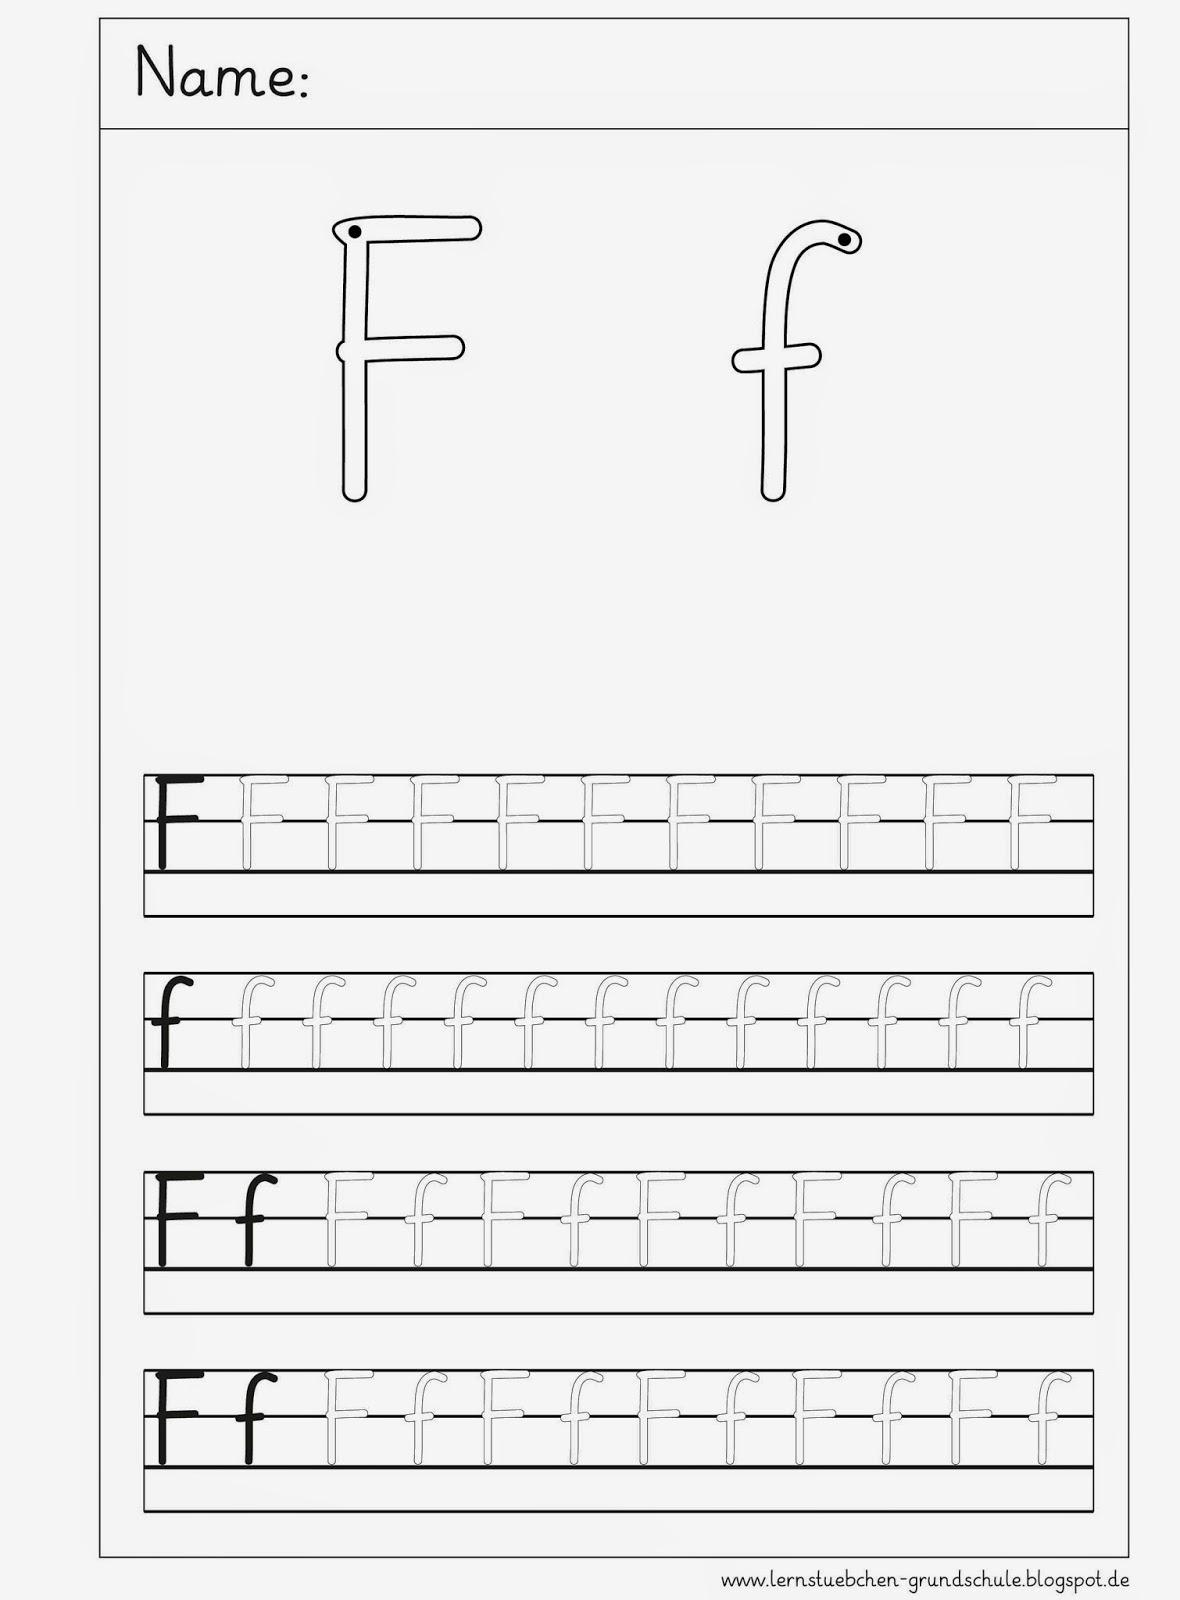 Arbeitsblatt Buchstabe F : Lernstübchen schreibblätter zum f